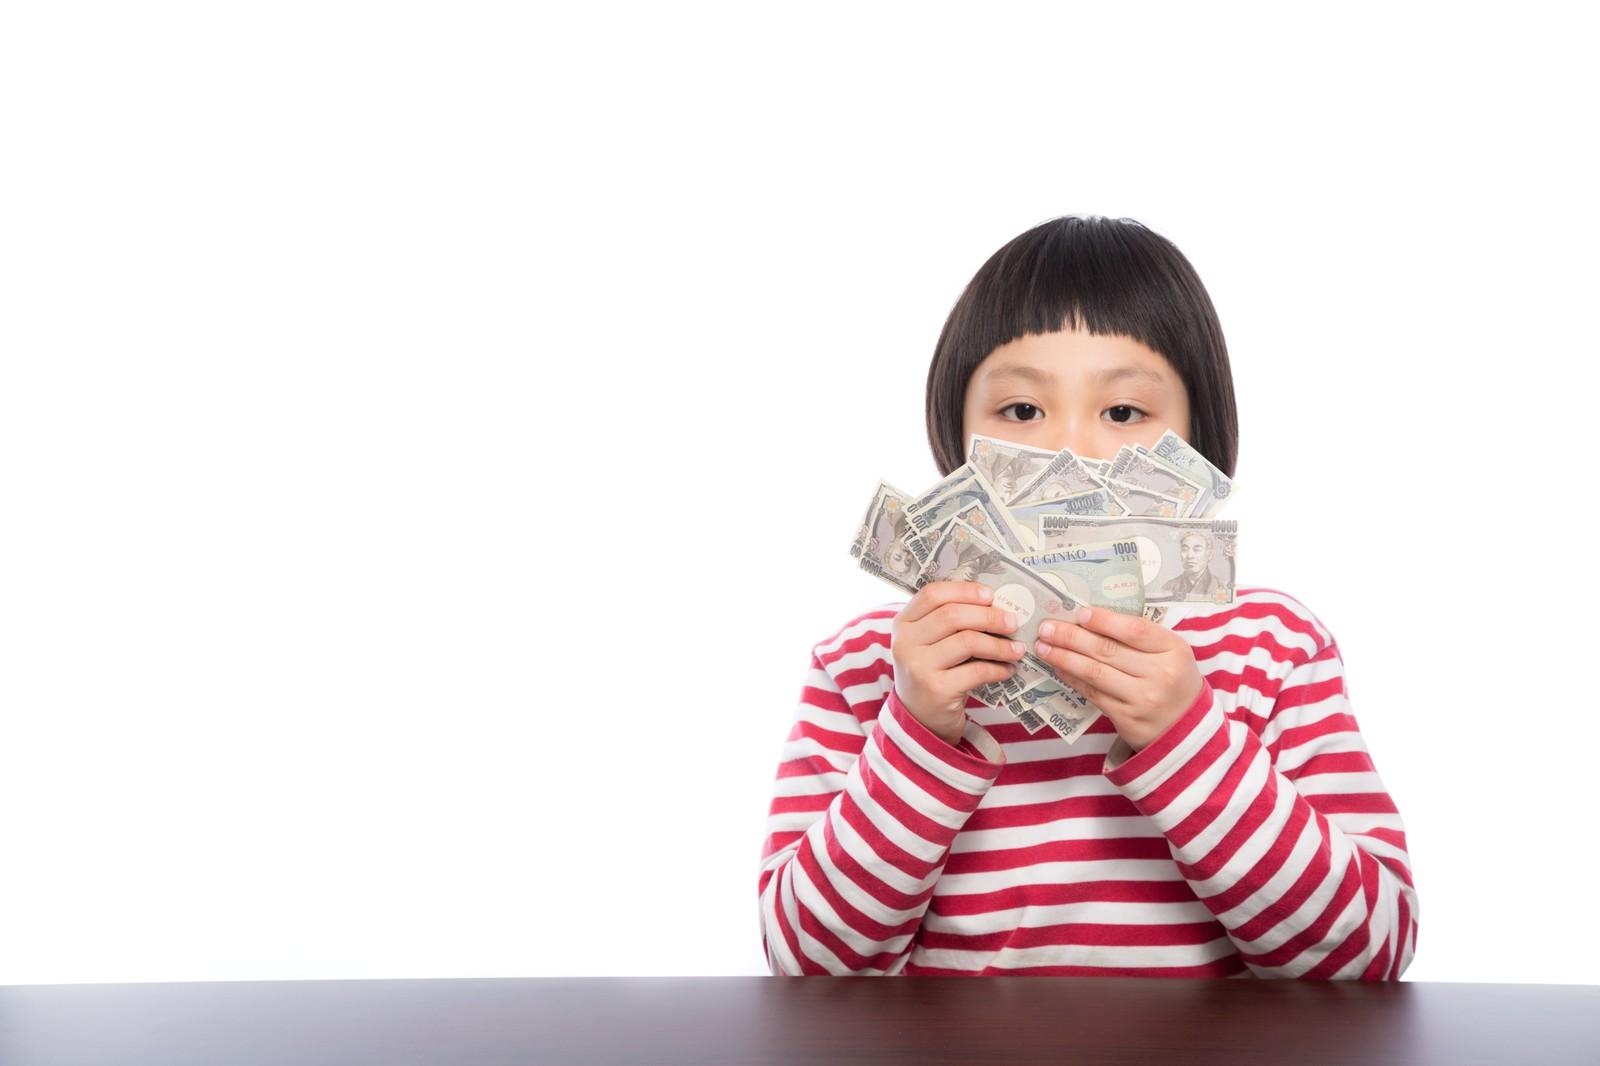 銀行に設備資金融資の相談をする前にまず知っておきたいこと